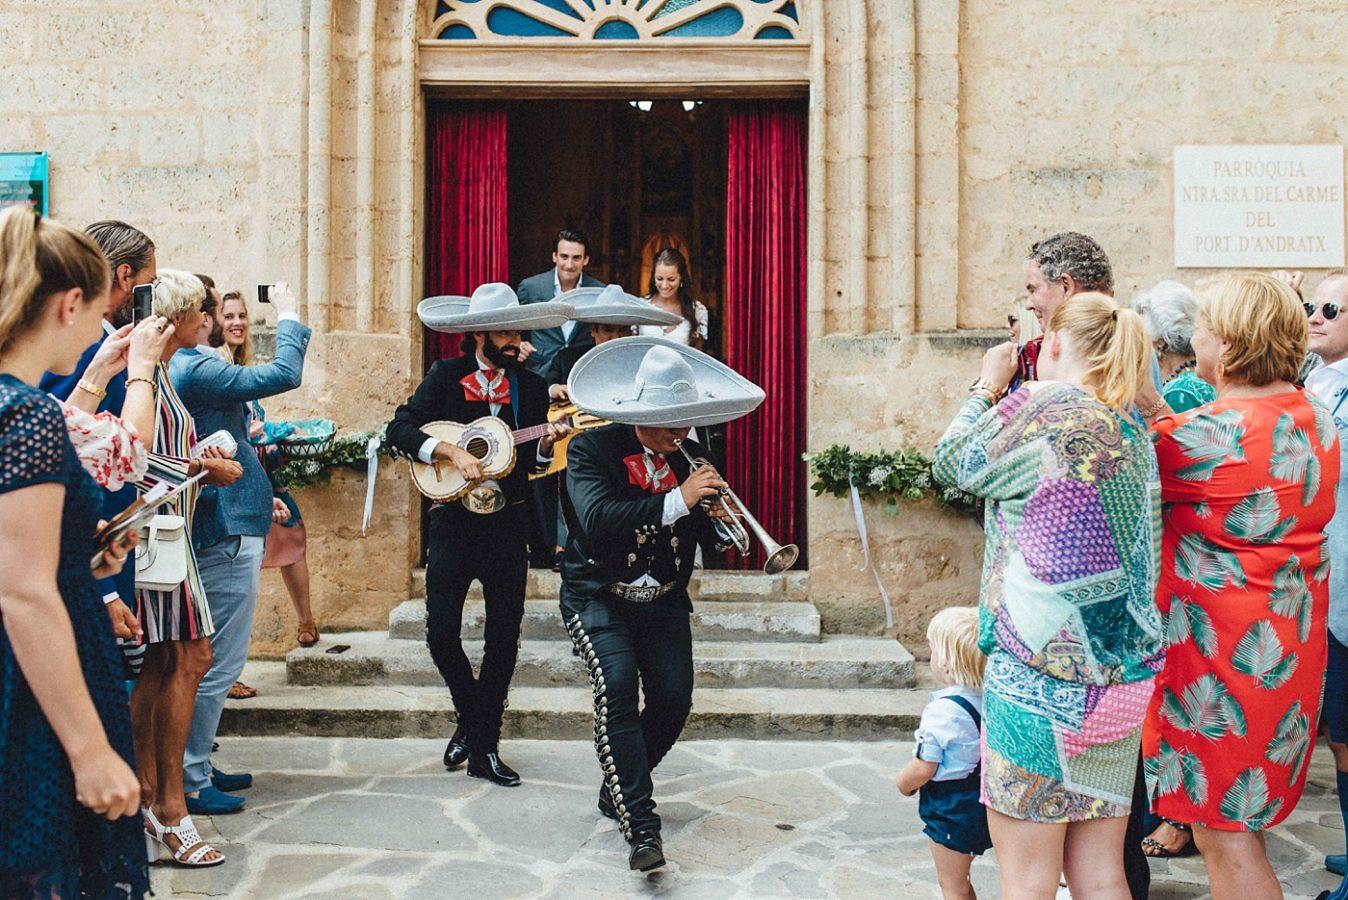 Fotos HochzeitsreportagenFotoshochzeitsfotograf mallorca wedding 0054